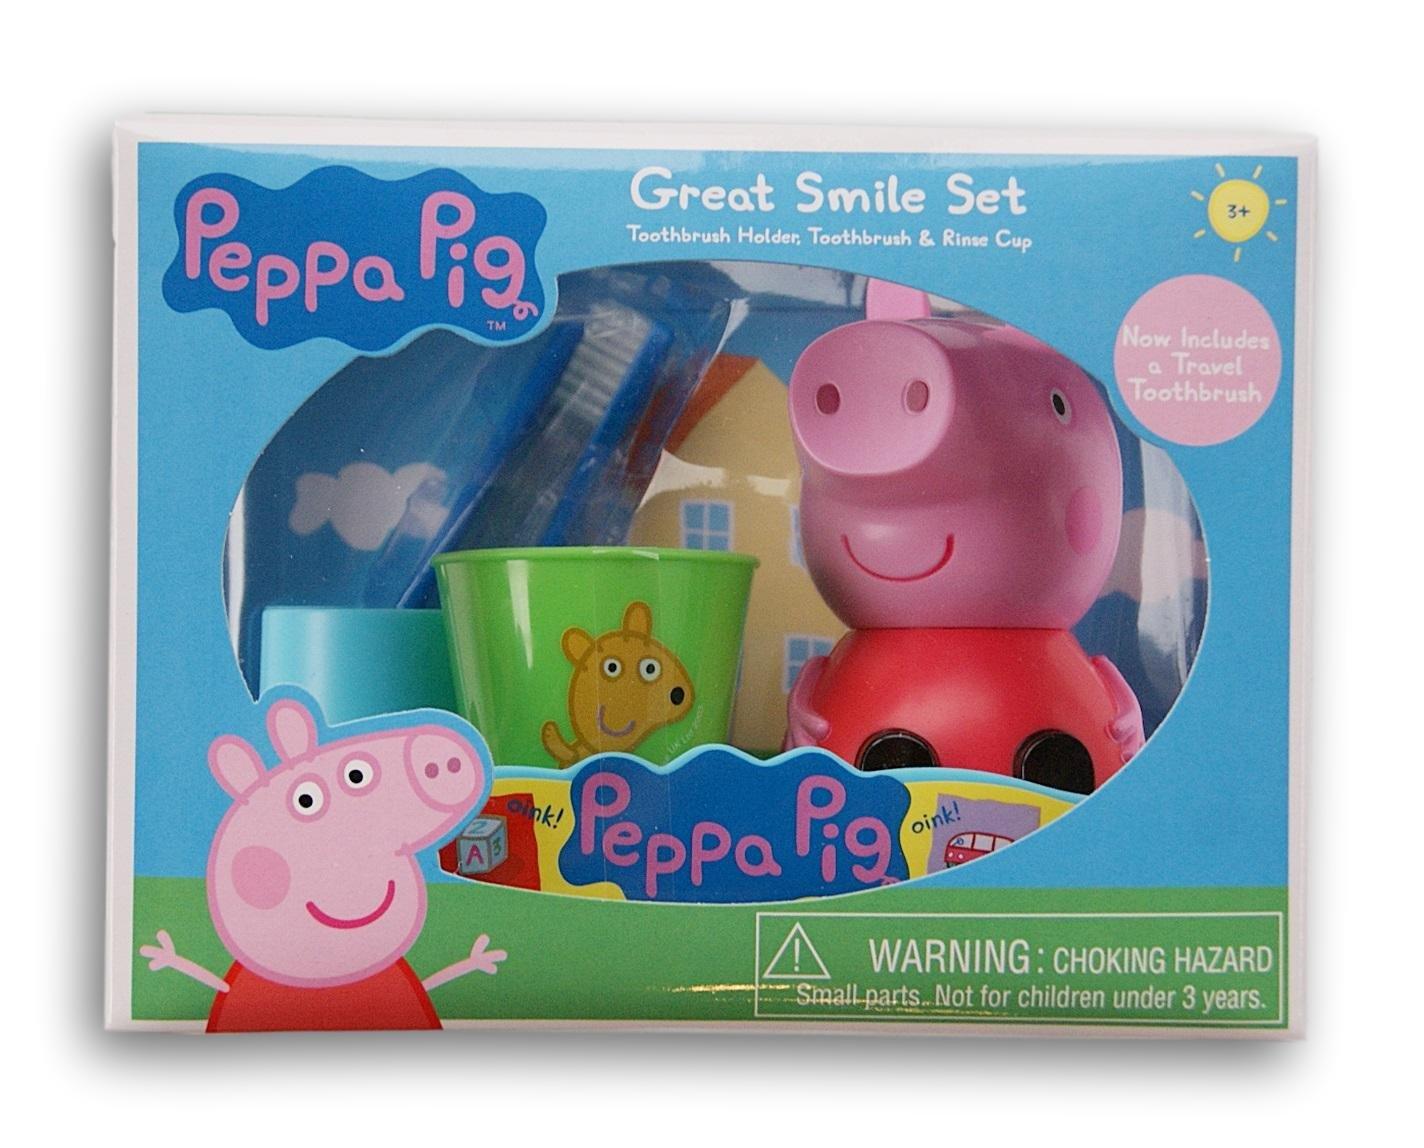 Peppa Pig - gran sonrisa - Juego de soporte para cepillos de dientes, cepillo de dientes & Enjuague Taza: Amazon.es: Hogar